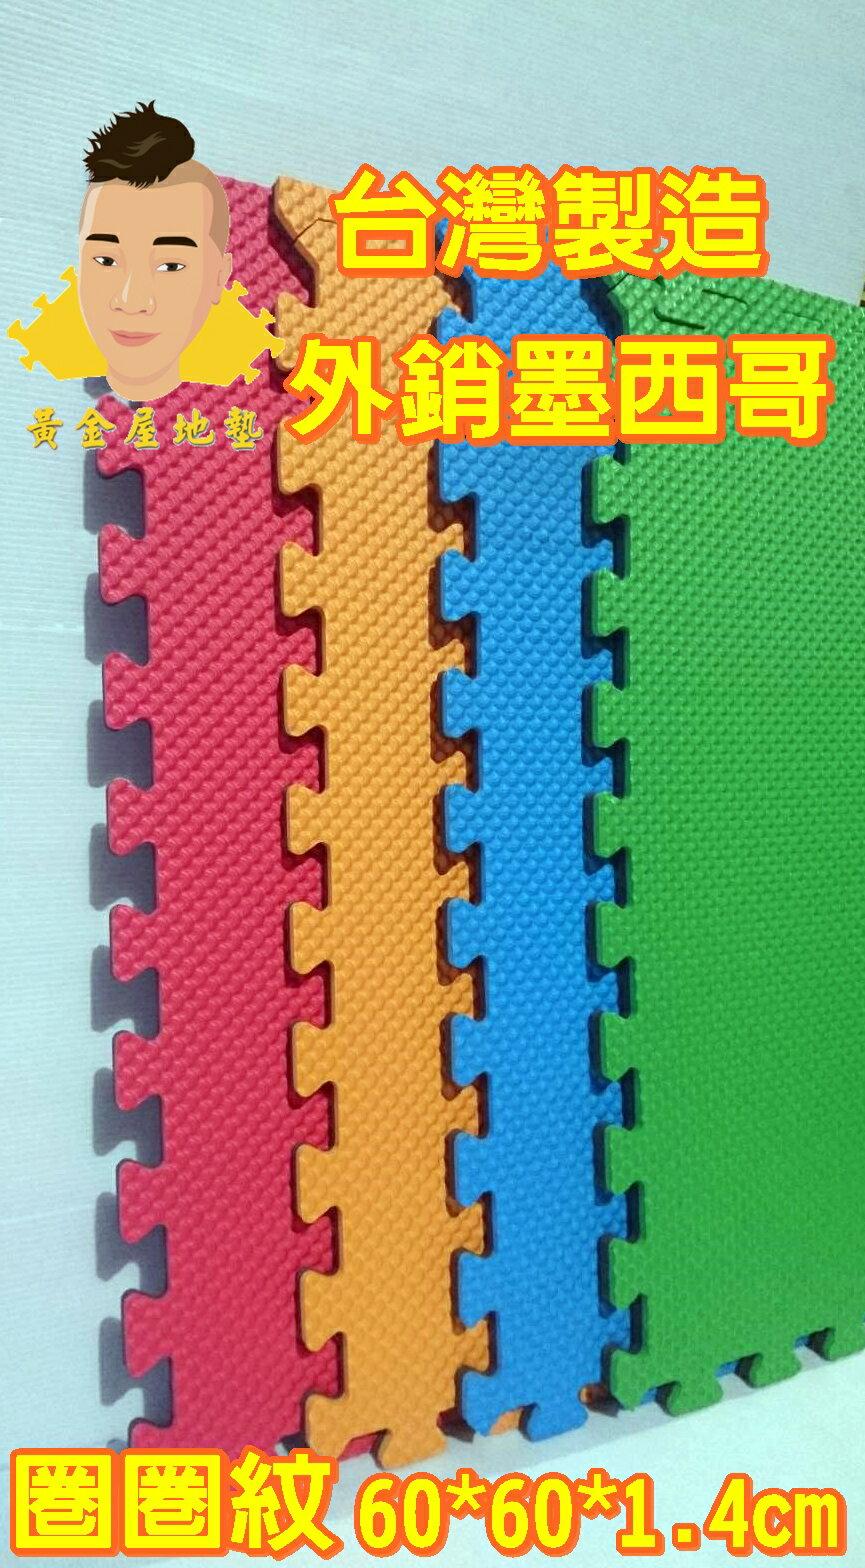 黃金屋 | 圓圈紋 精品地墊 60*60*1.4cm | 外銷 墨西哥 | 台灣製造 | EVA材質 | SGS檢驗合格 | 現貨 | 遊戲墊 | 巧拼墊 | 寶寶爬行墊 | 防撞墊 | 睡墊 | 嬰..